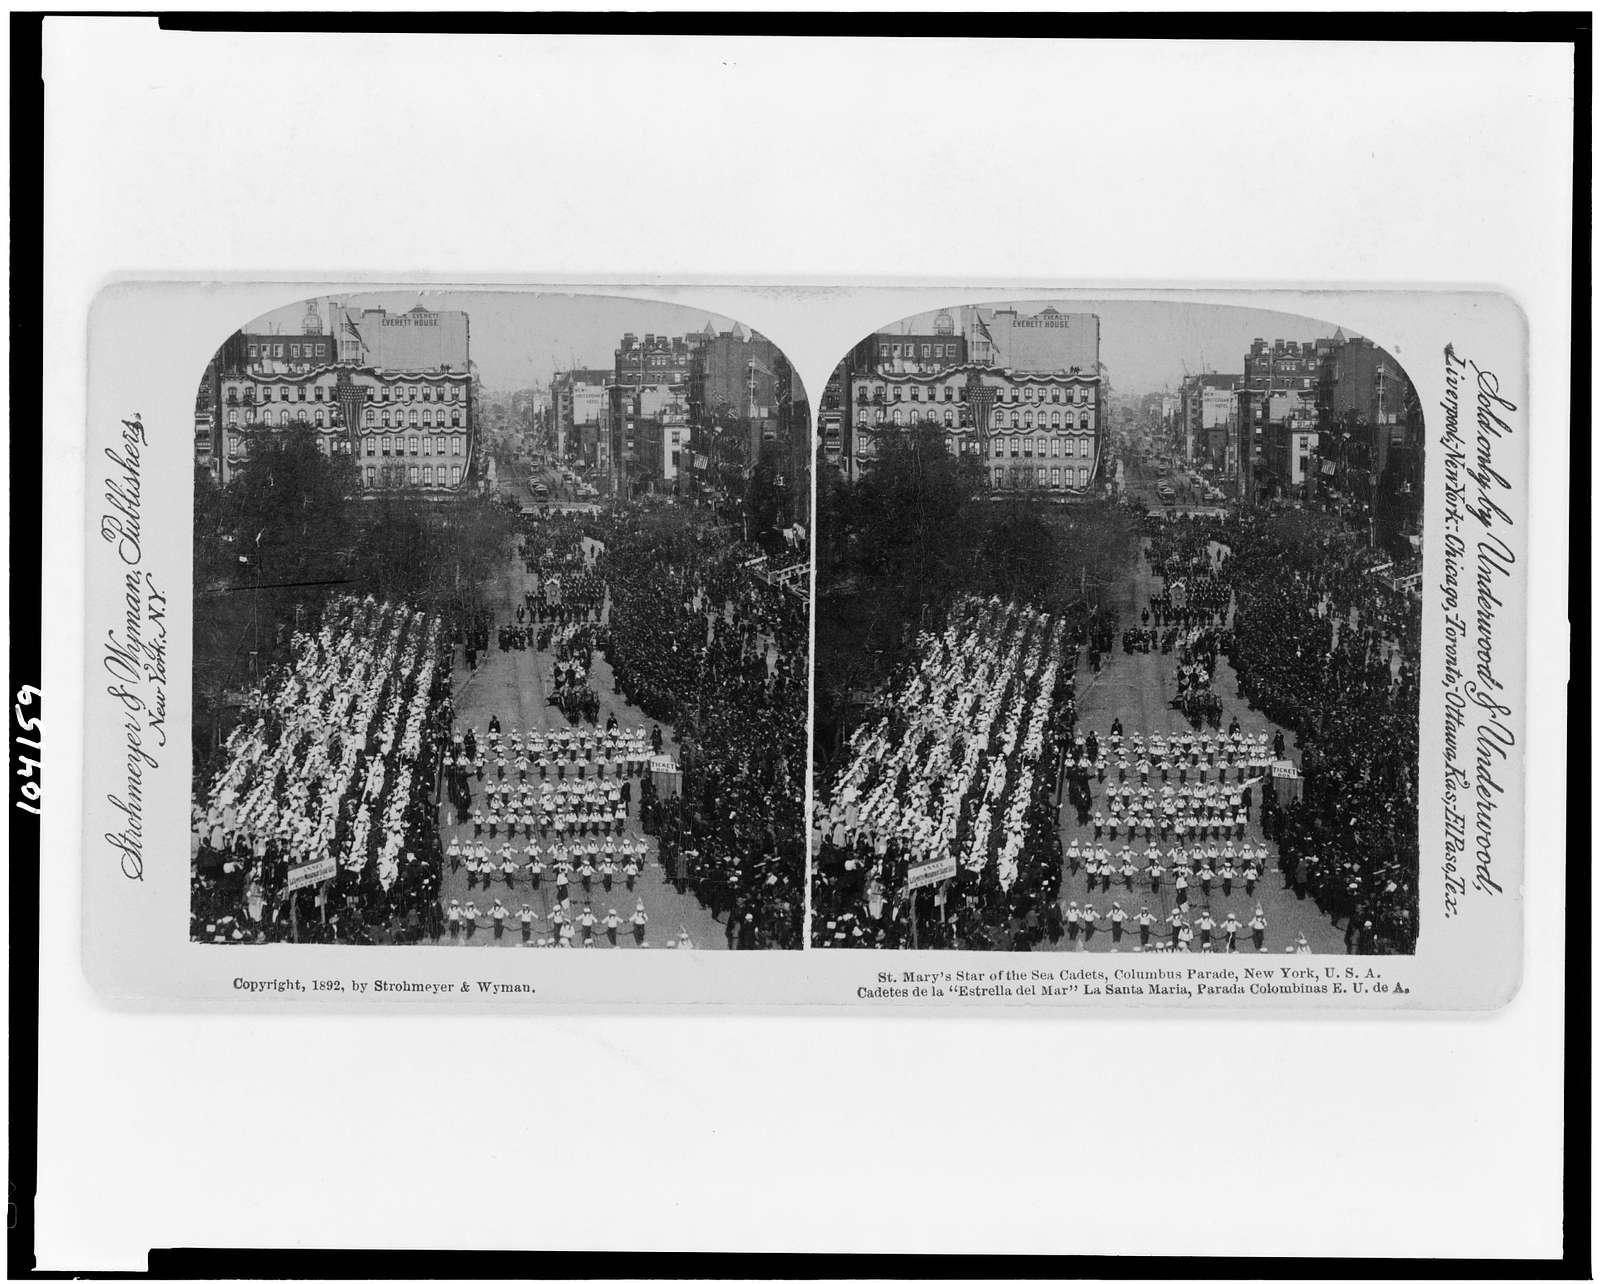 """St. Mary's Star of the Sea Cadets, Columbus Parade, New York, U.S.A. Cadetes de la """"estrella del war"""" La Santa Maria, Parada Colombinas E.U. de A."""